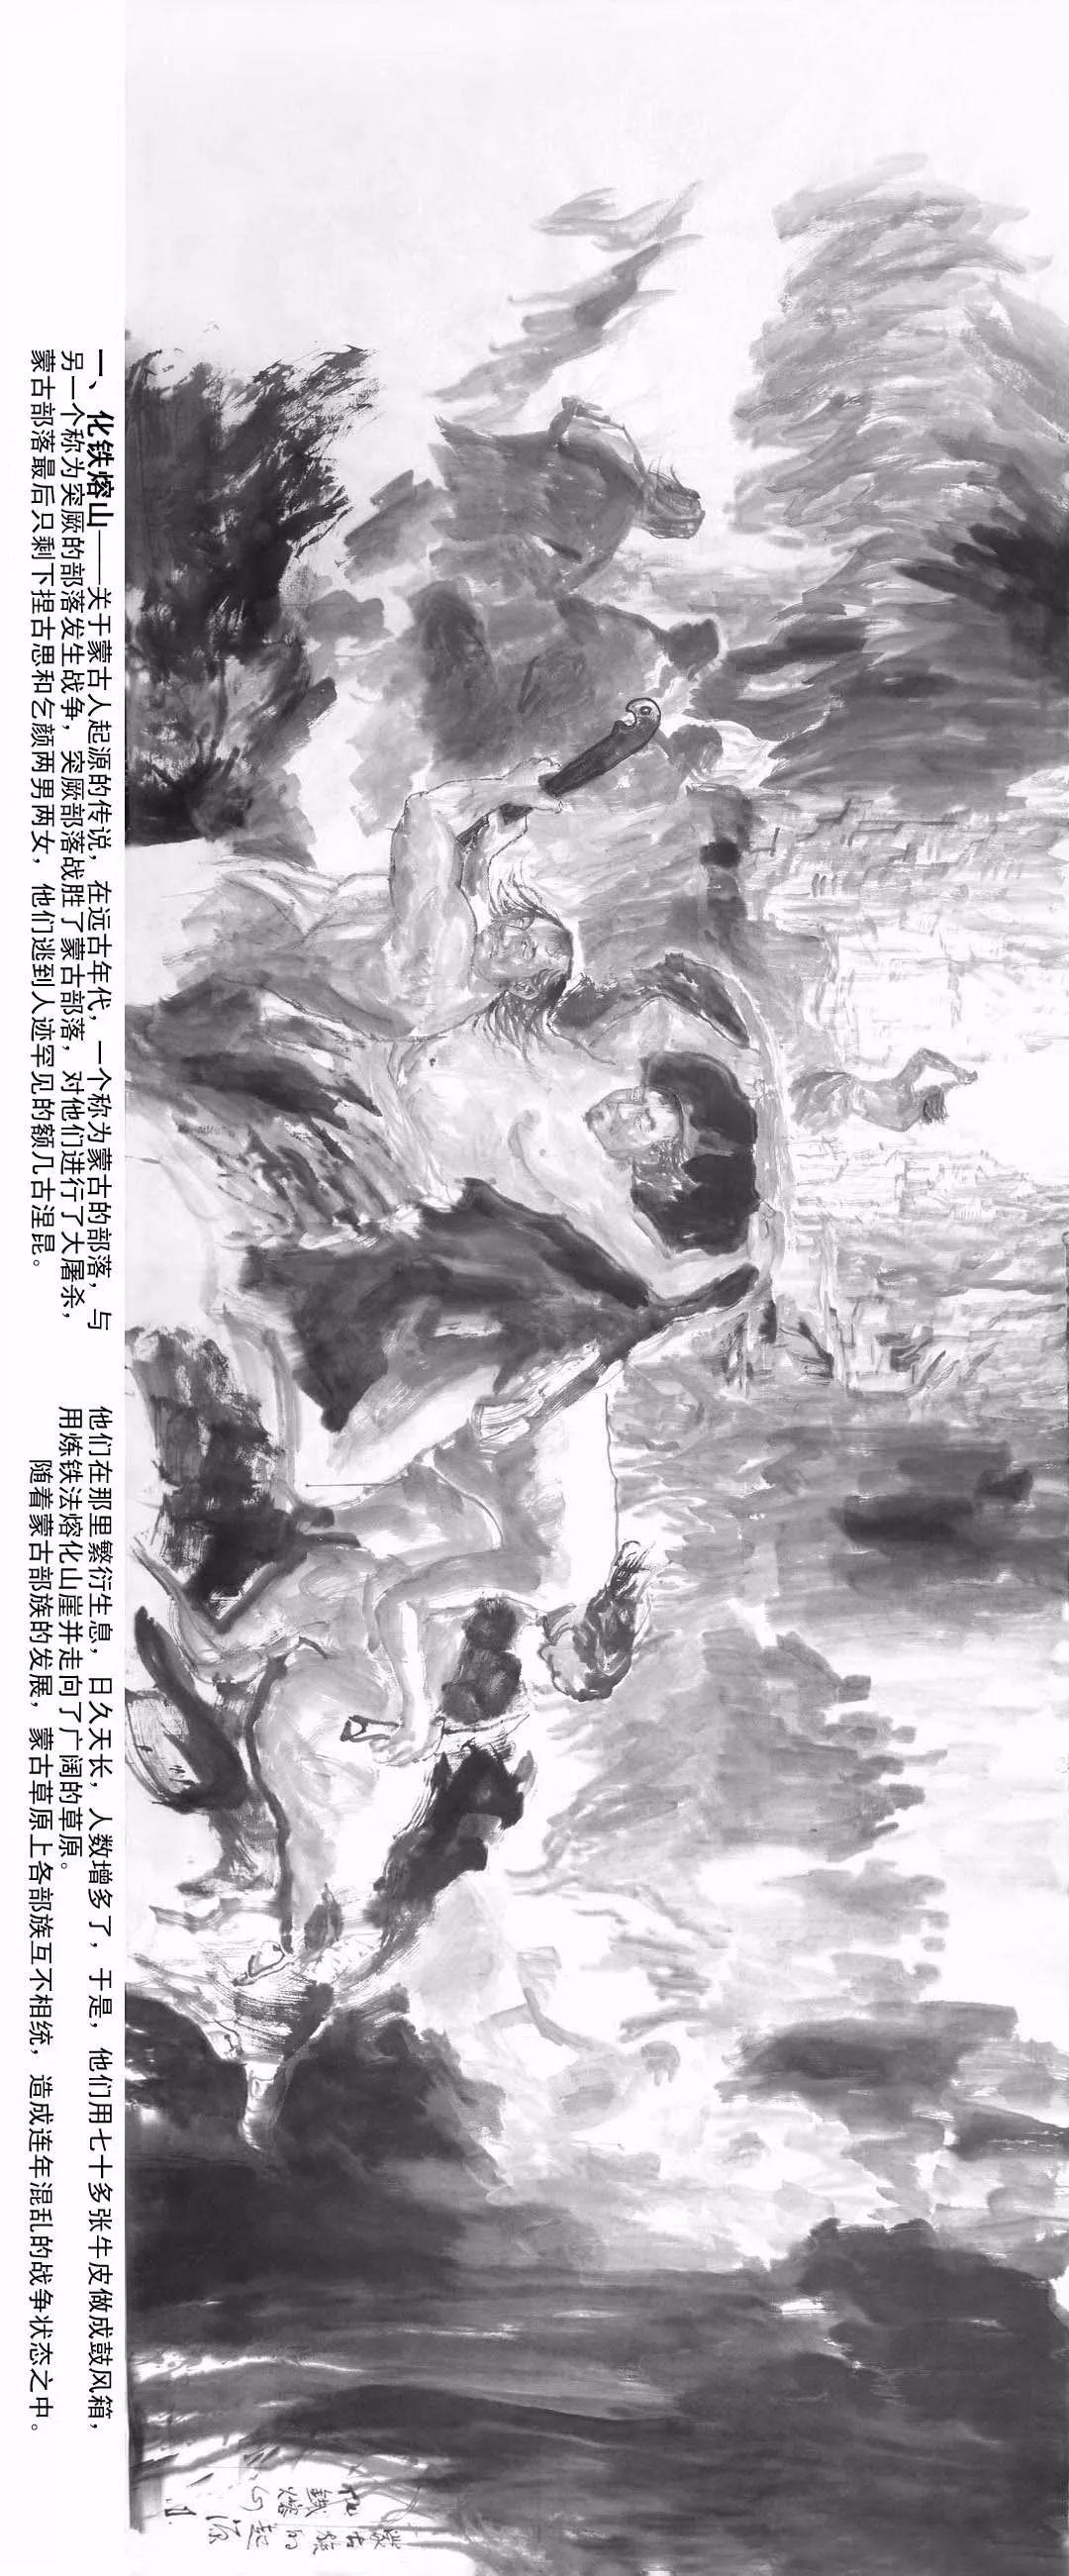 【经典】《蒙古魂》国画写意,大师所创,值得收藏。